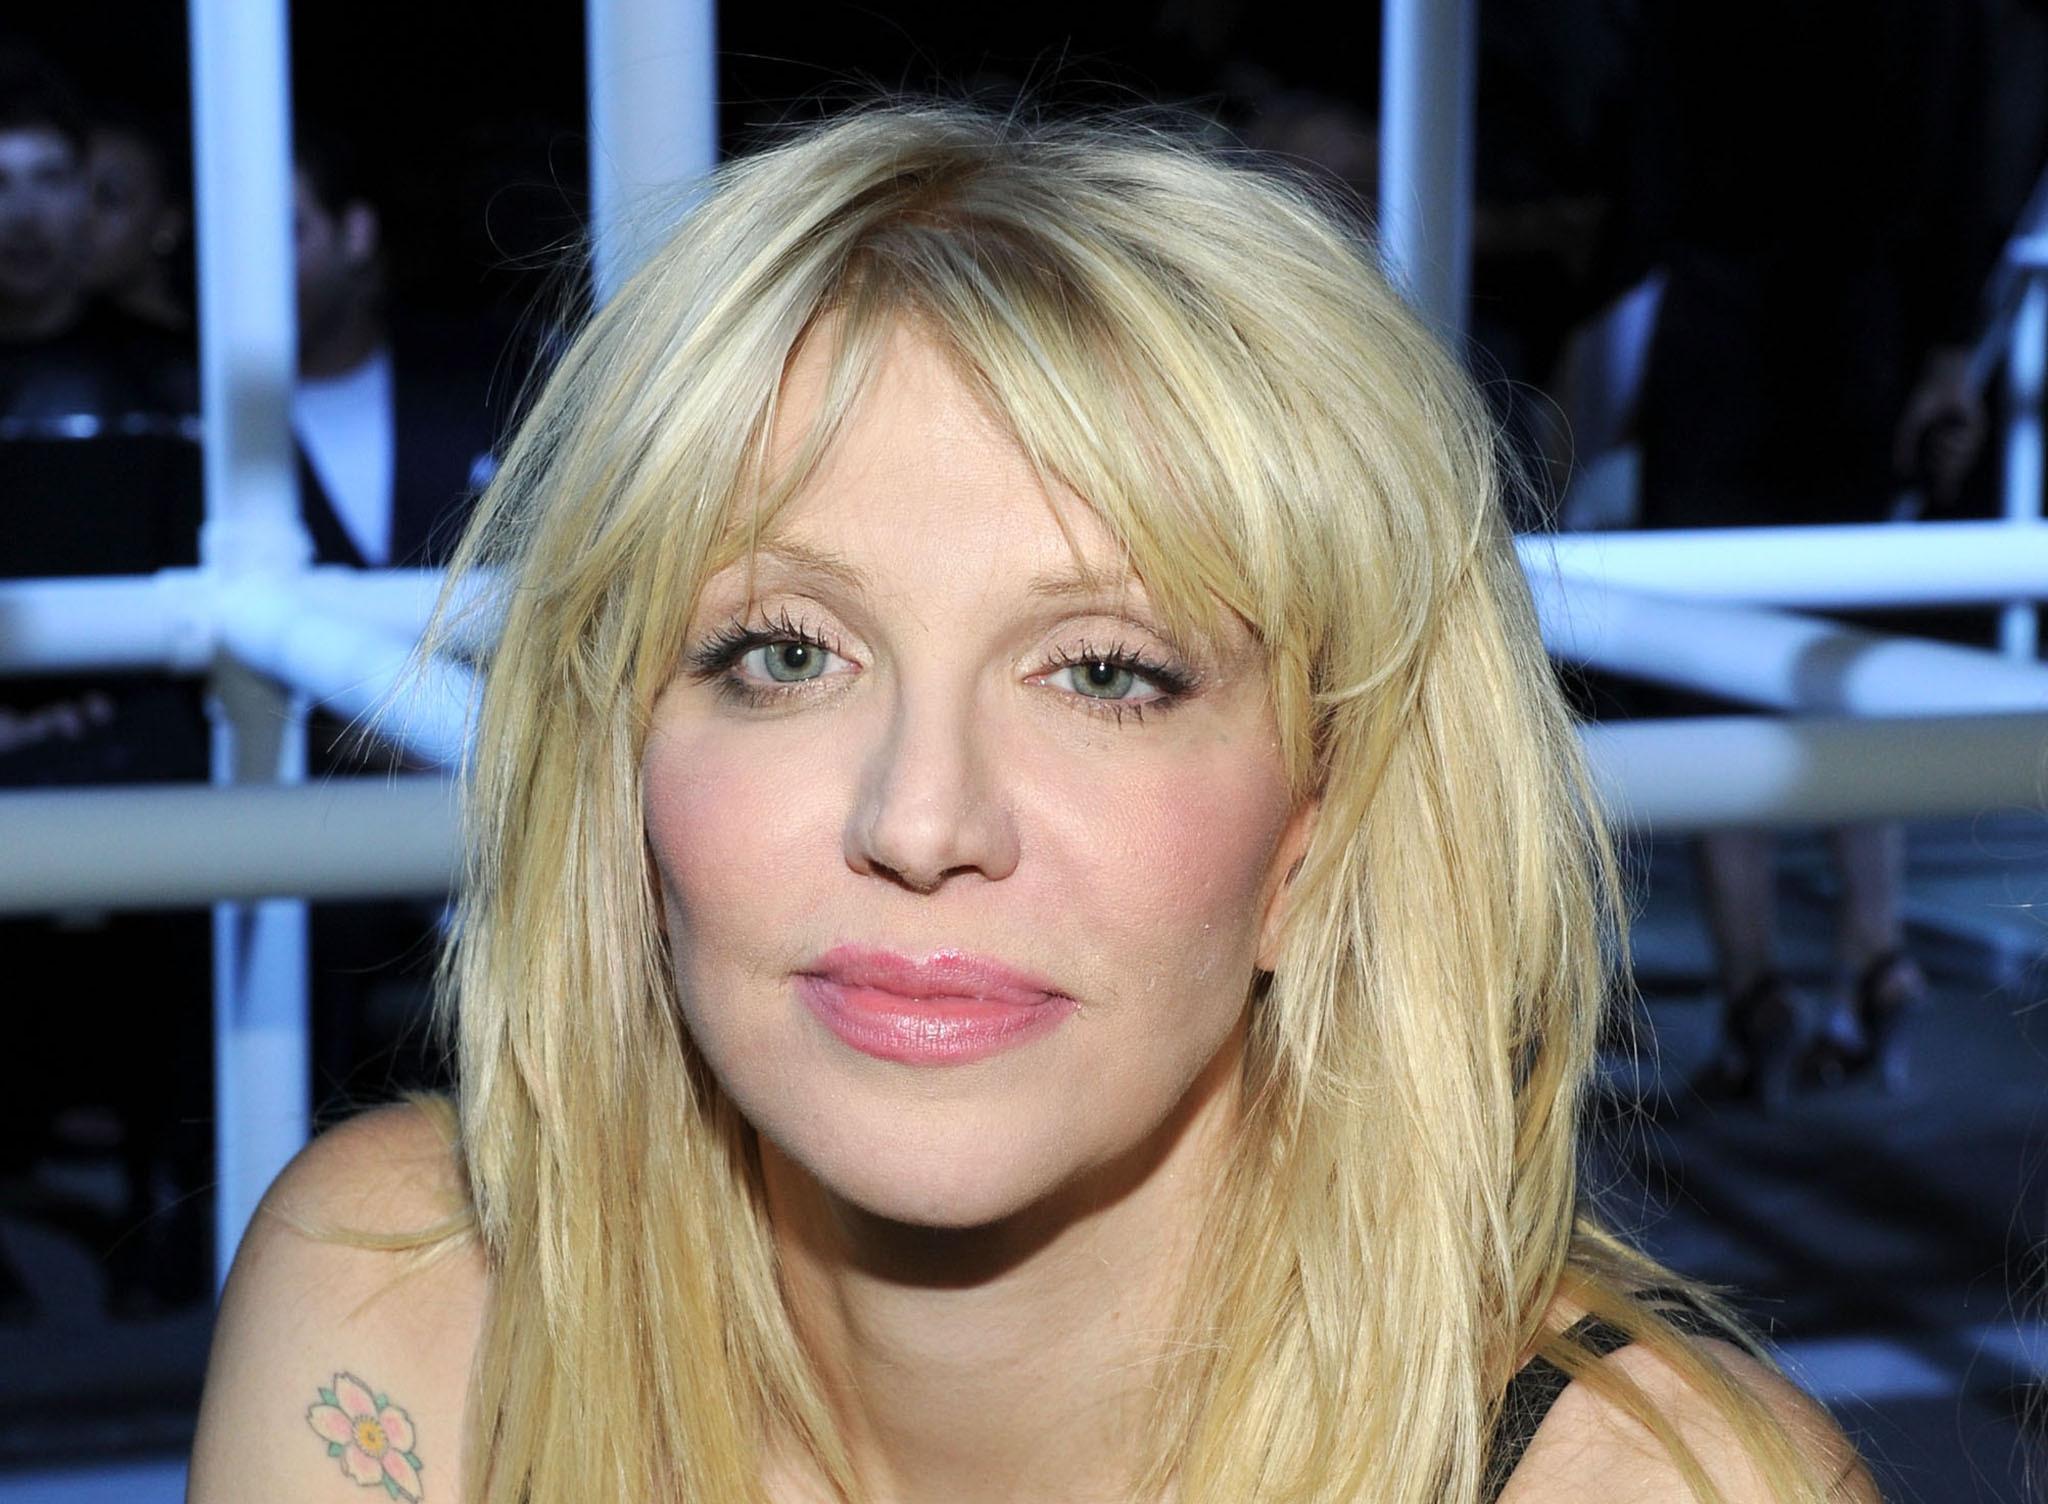 Courtney Love Photos